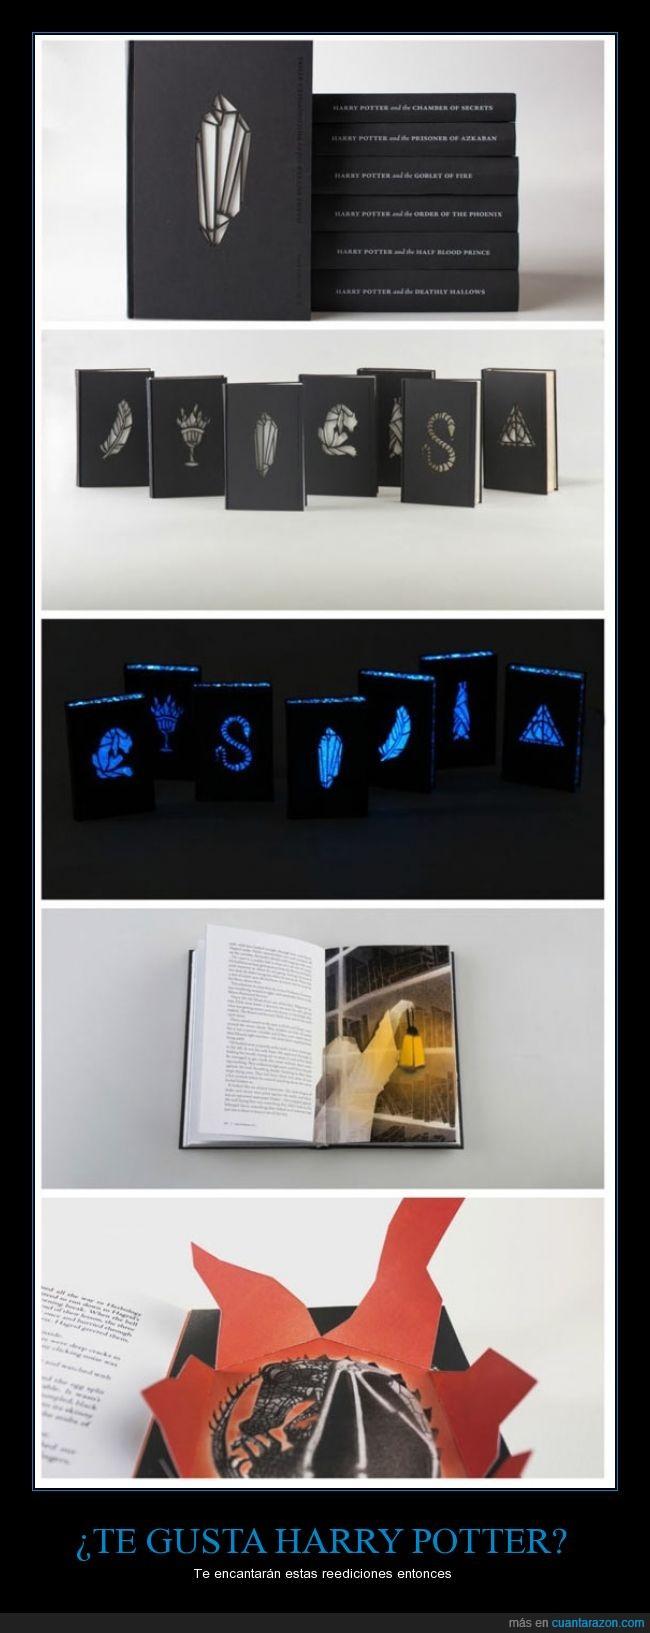 3d,brilla,dragon,edicion,especial,Harry,Harry Potter,minimal,negro,oscuridad,popup,Potter